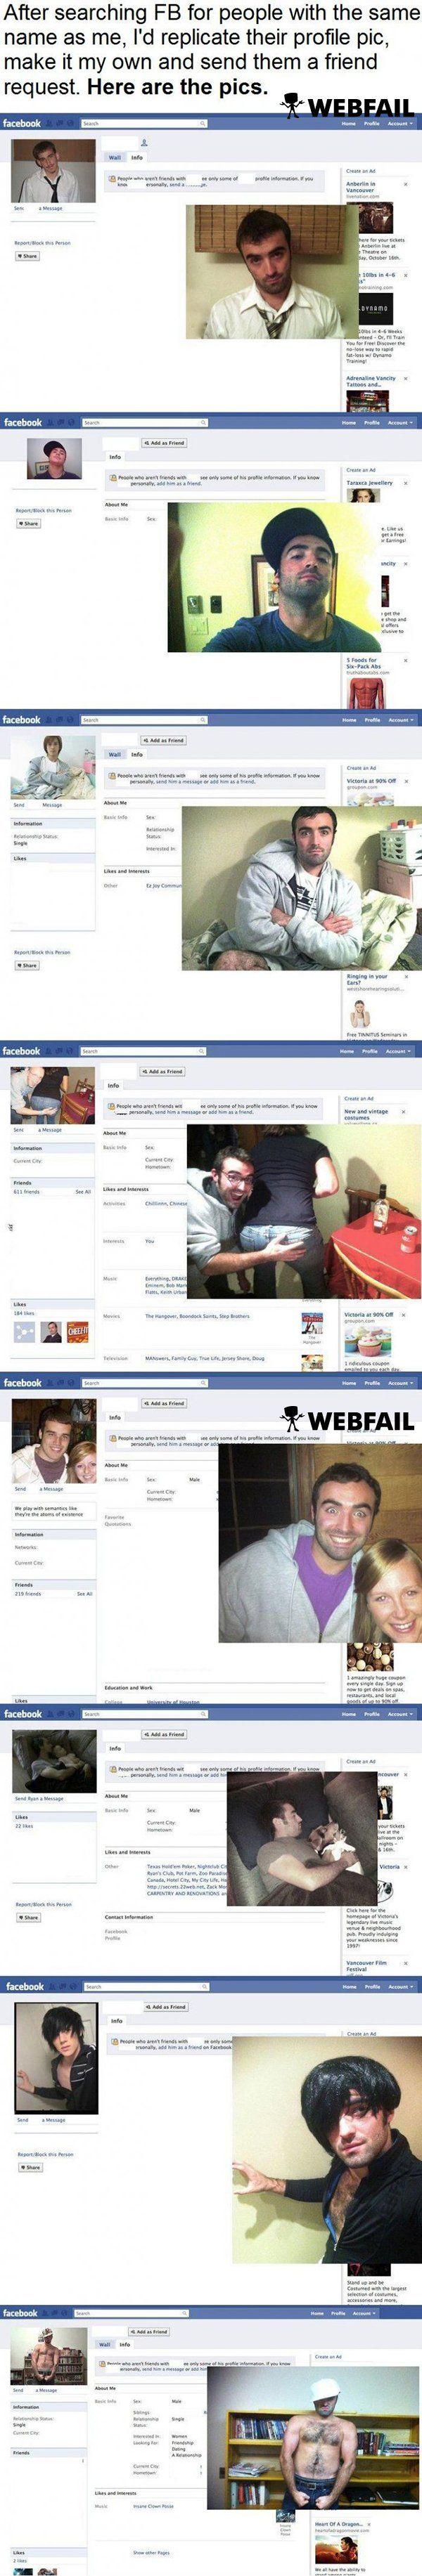 Facebook Personen Suchen